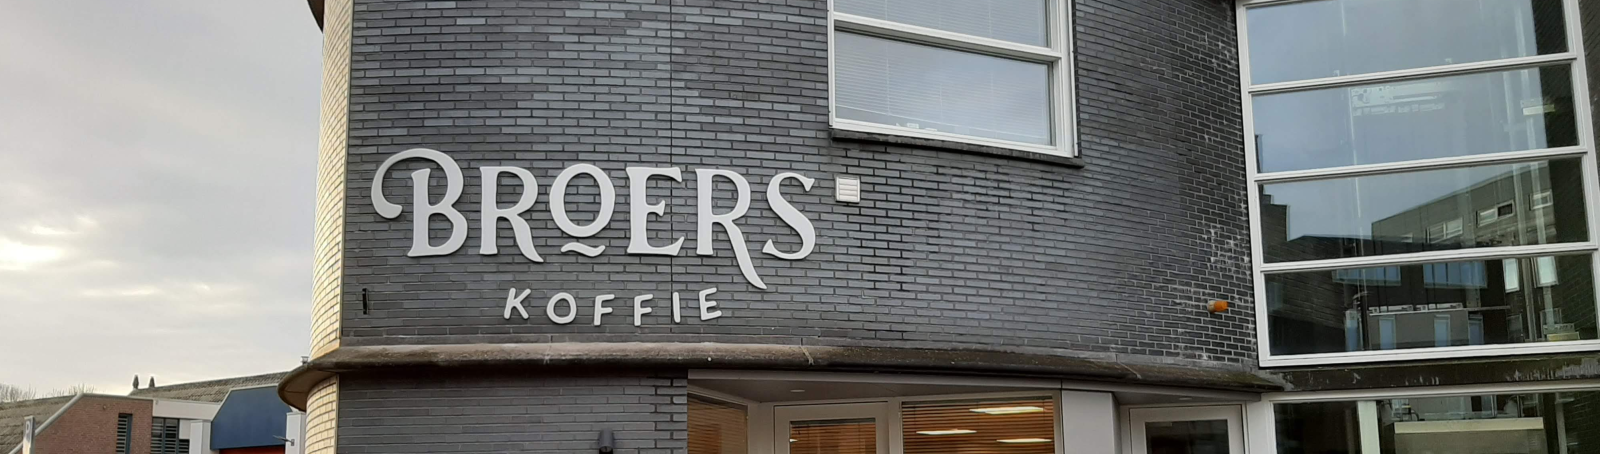 Borers koffie header